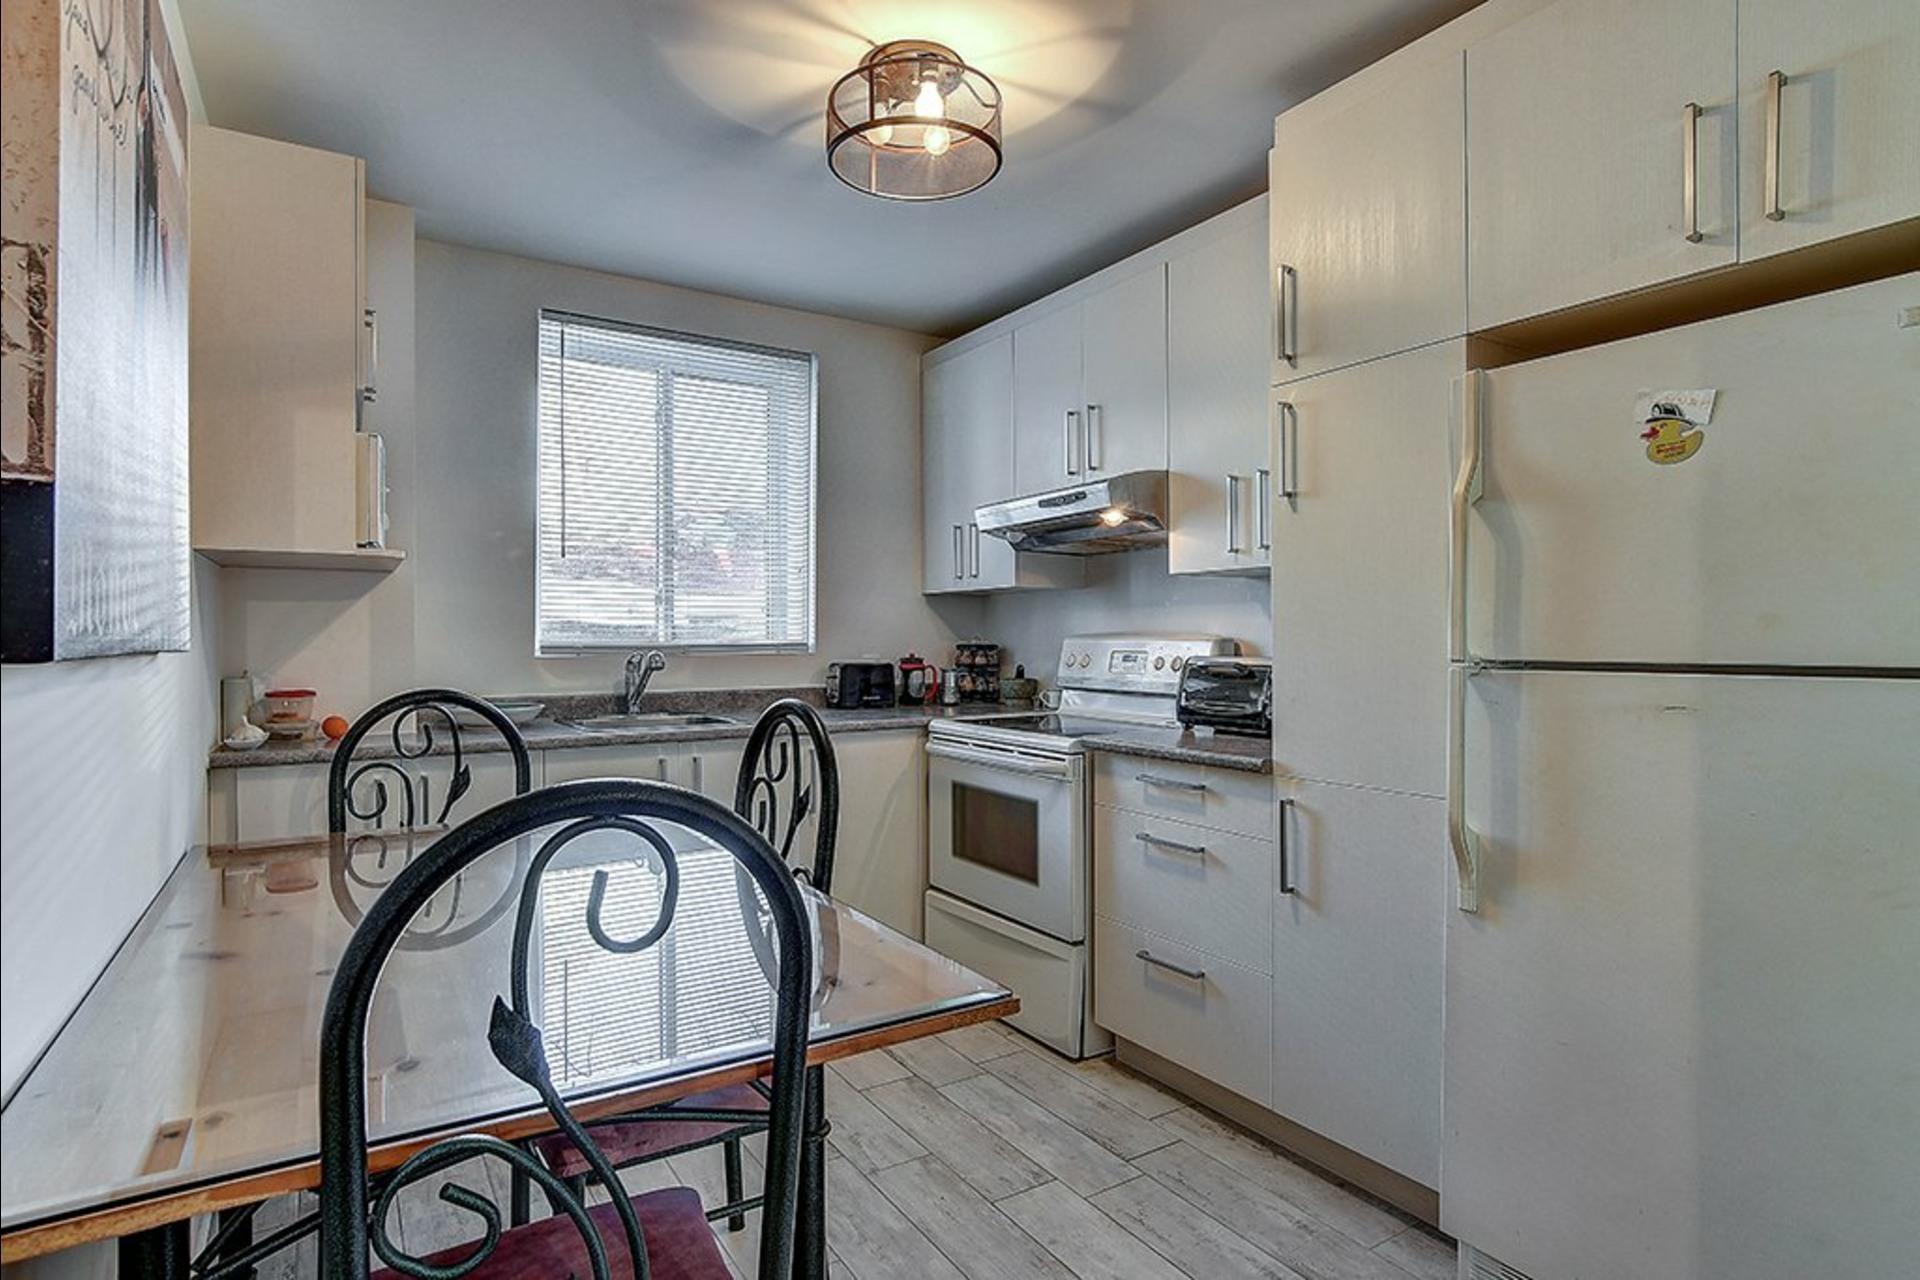 image 19 - 收入财产 出售 Le Sud-Ouest Montréal  - 4 室